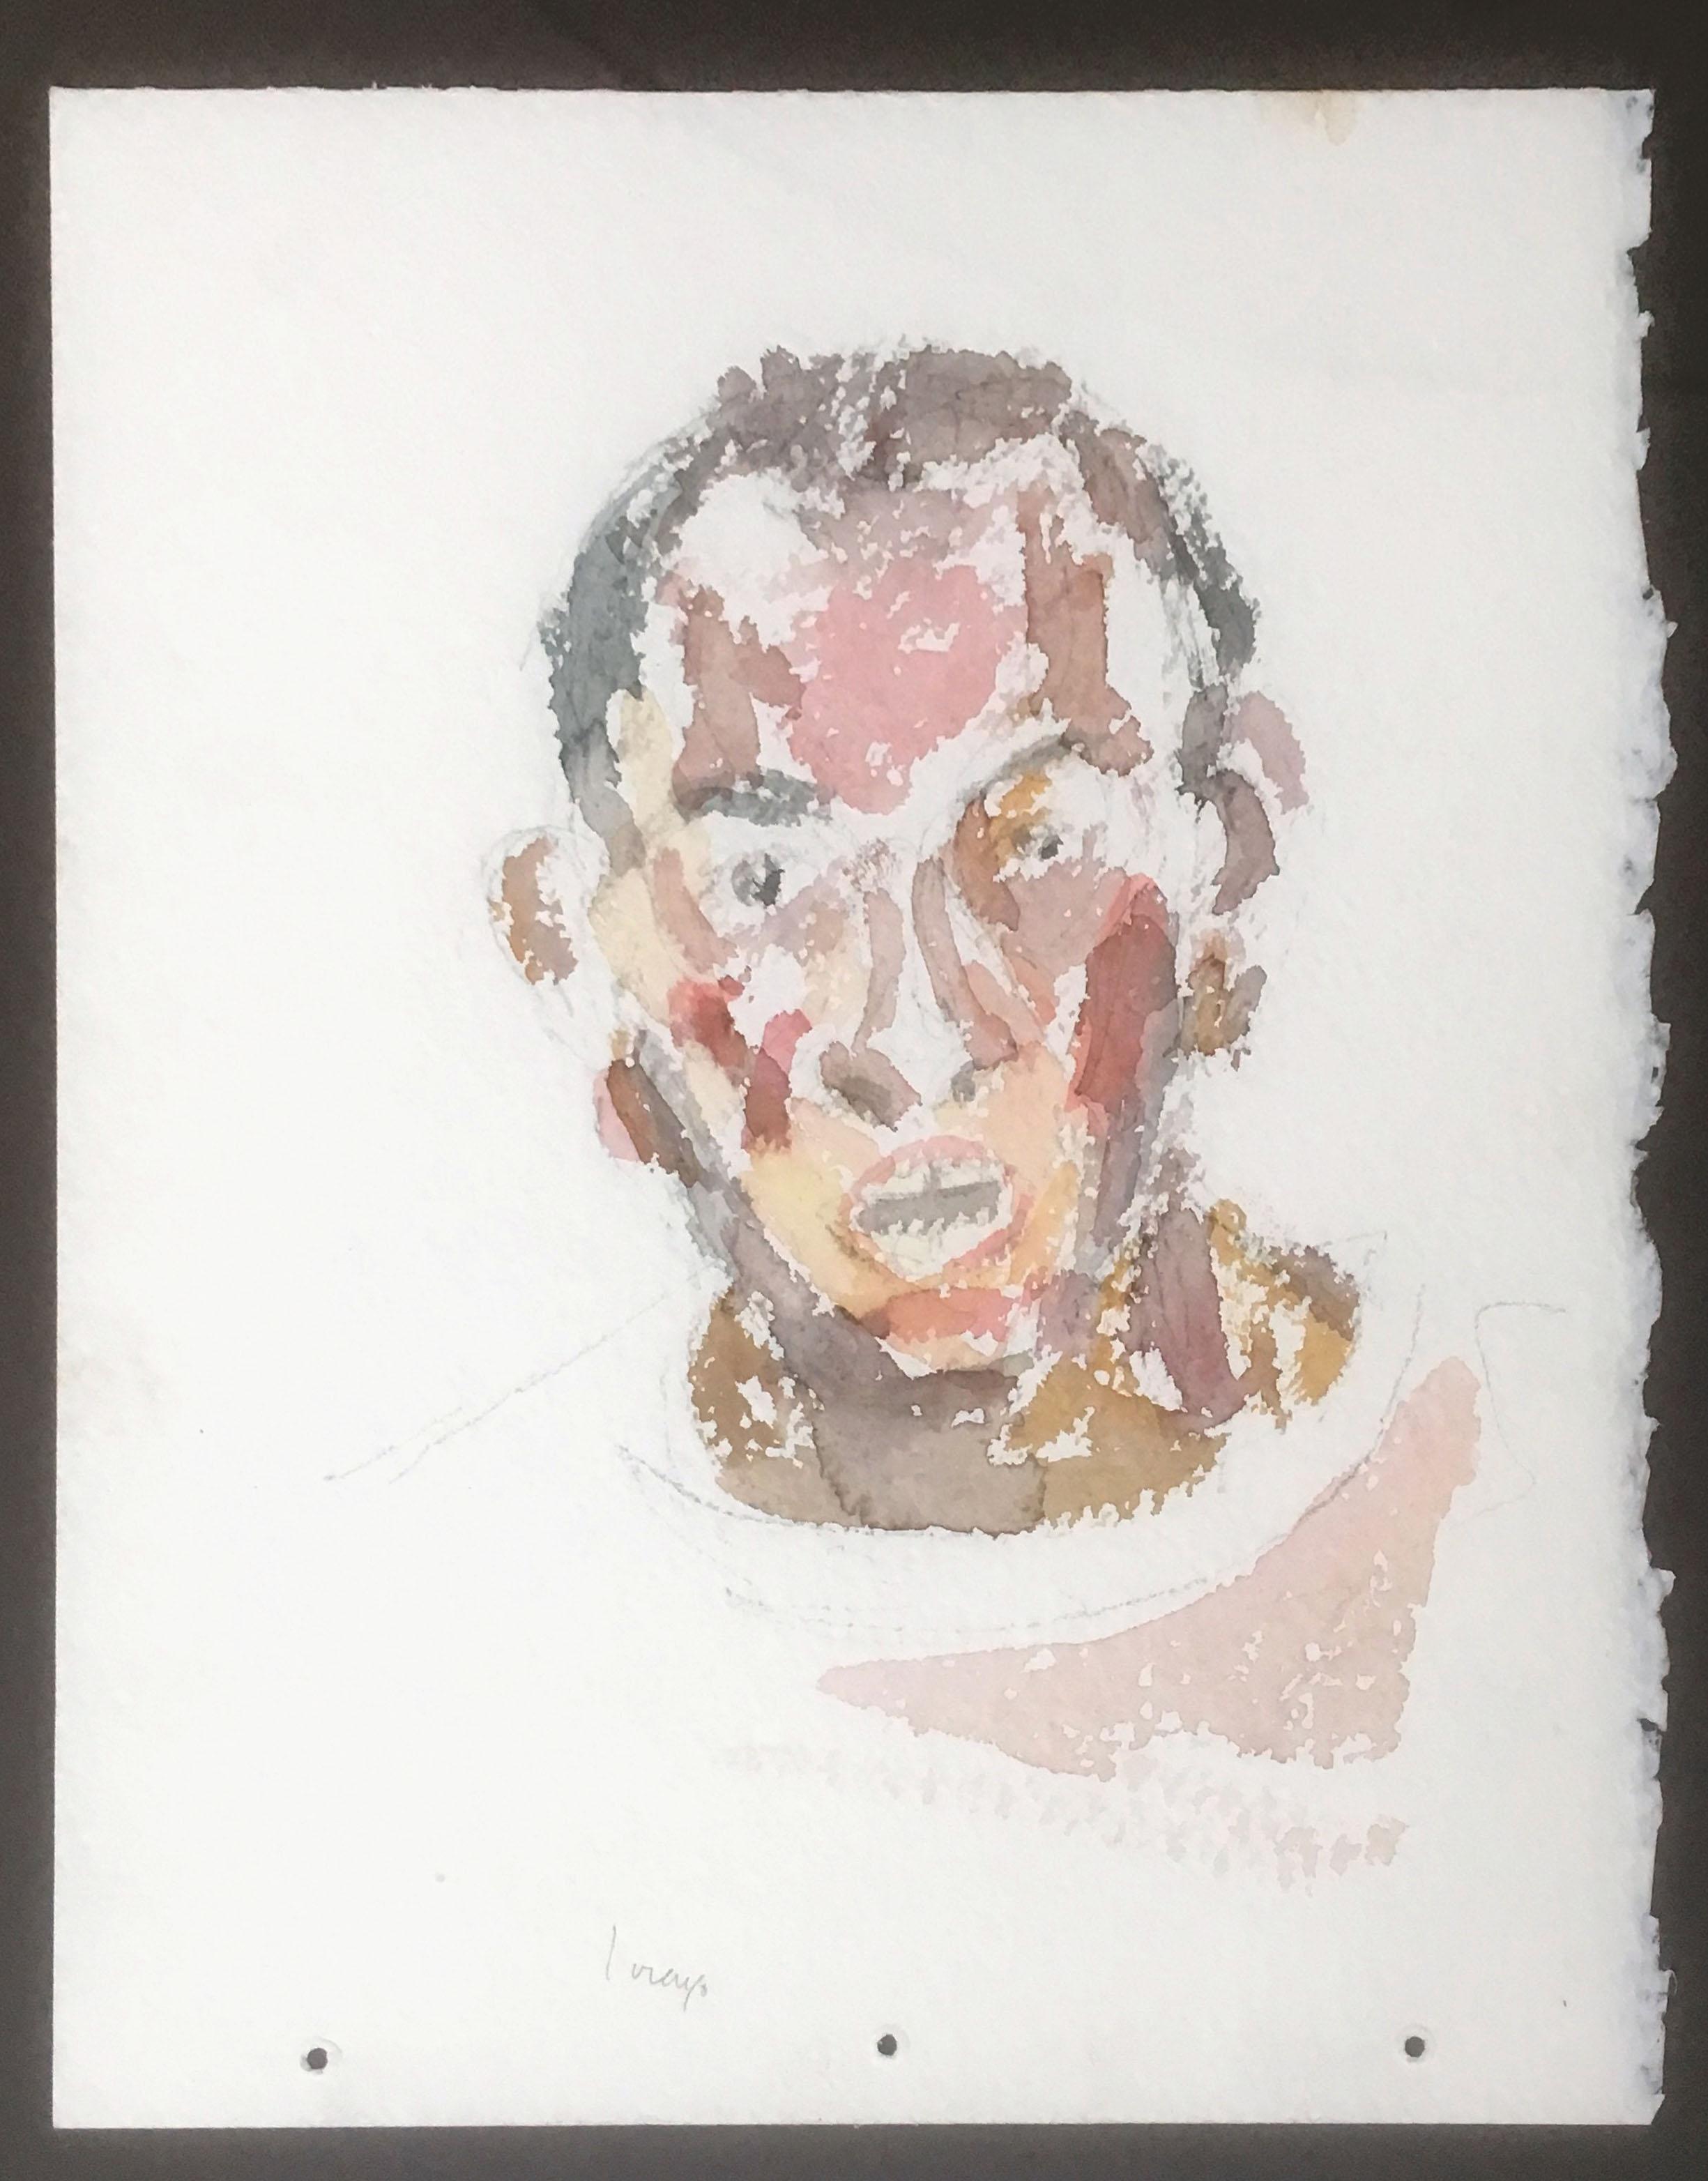 Lorenzo Tornabuoni – Senza titolo